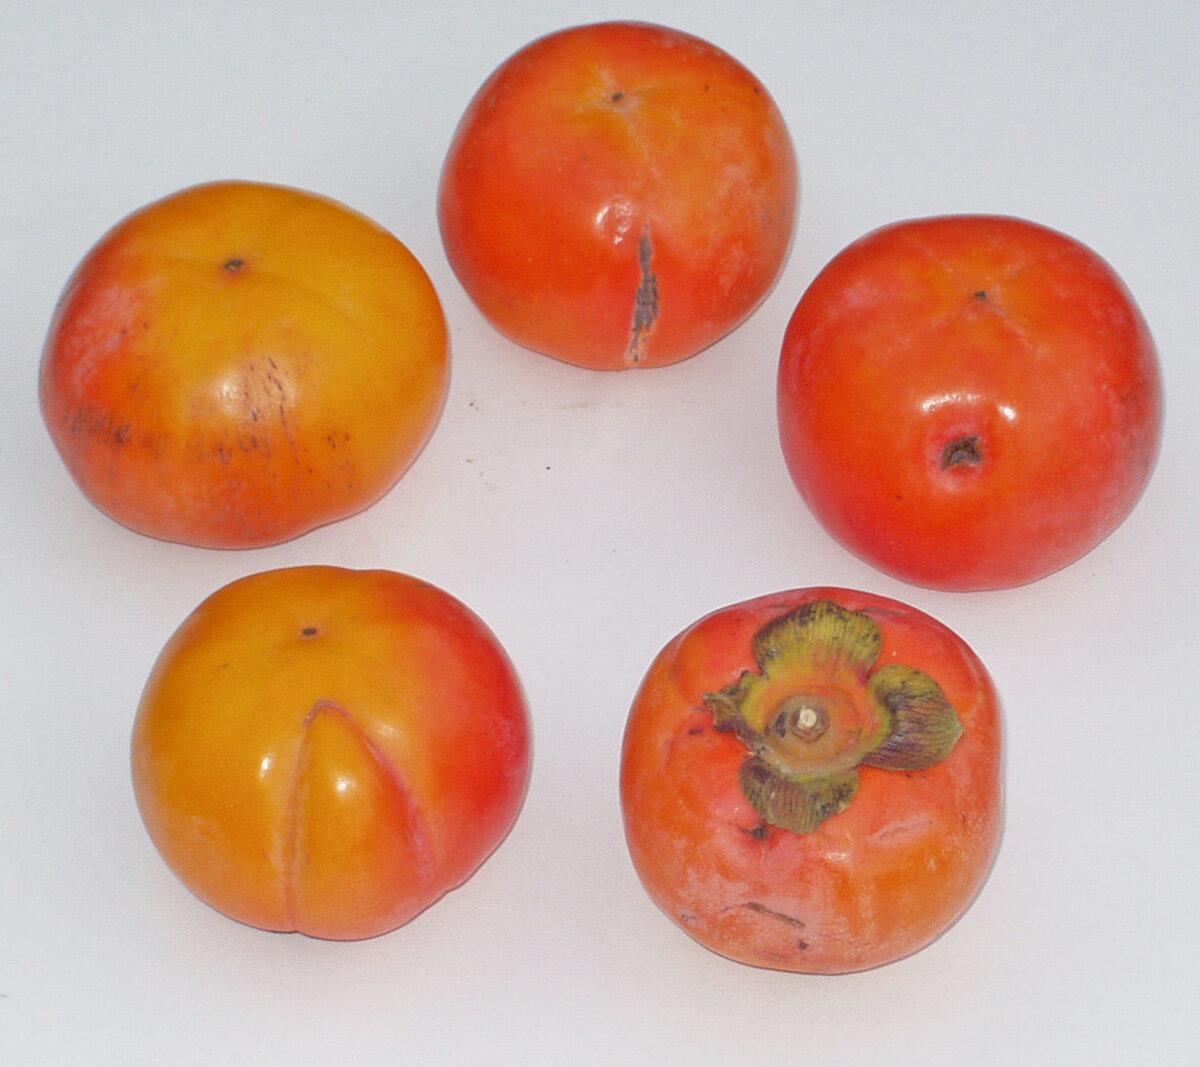 フルーツ・果物, 柿 6Kg 22-2811